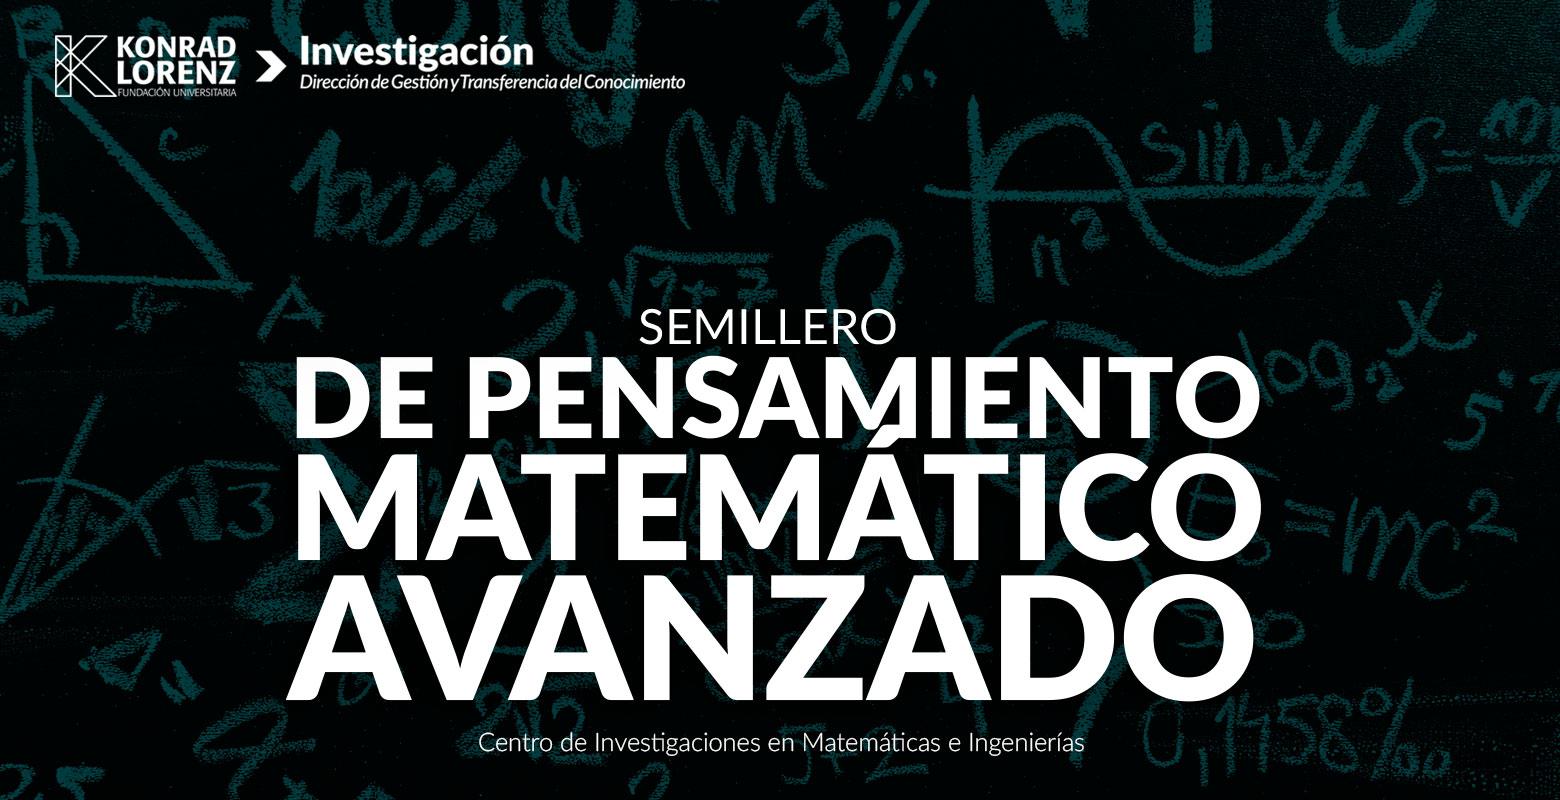 Semillero de Pensamiento Matemático Avanzado